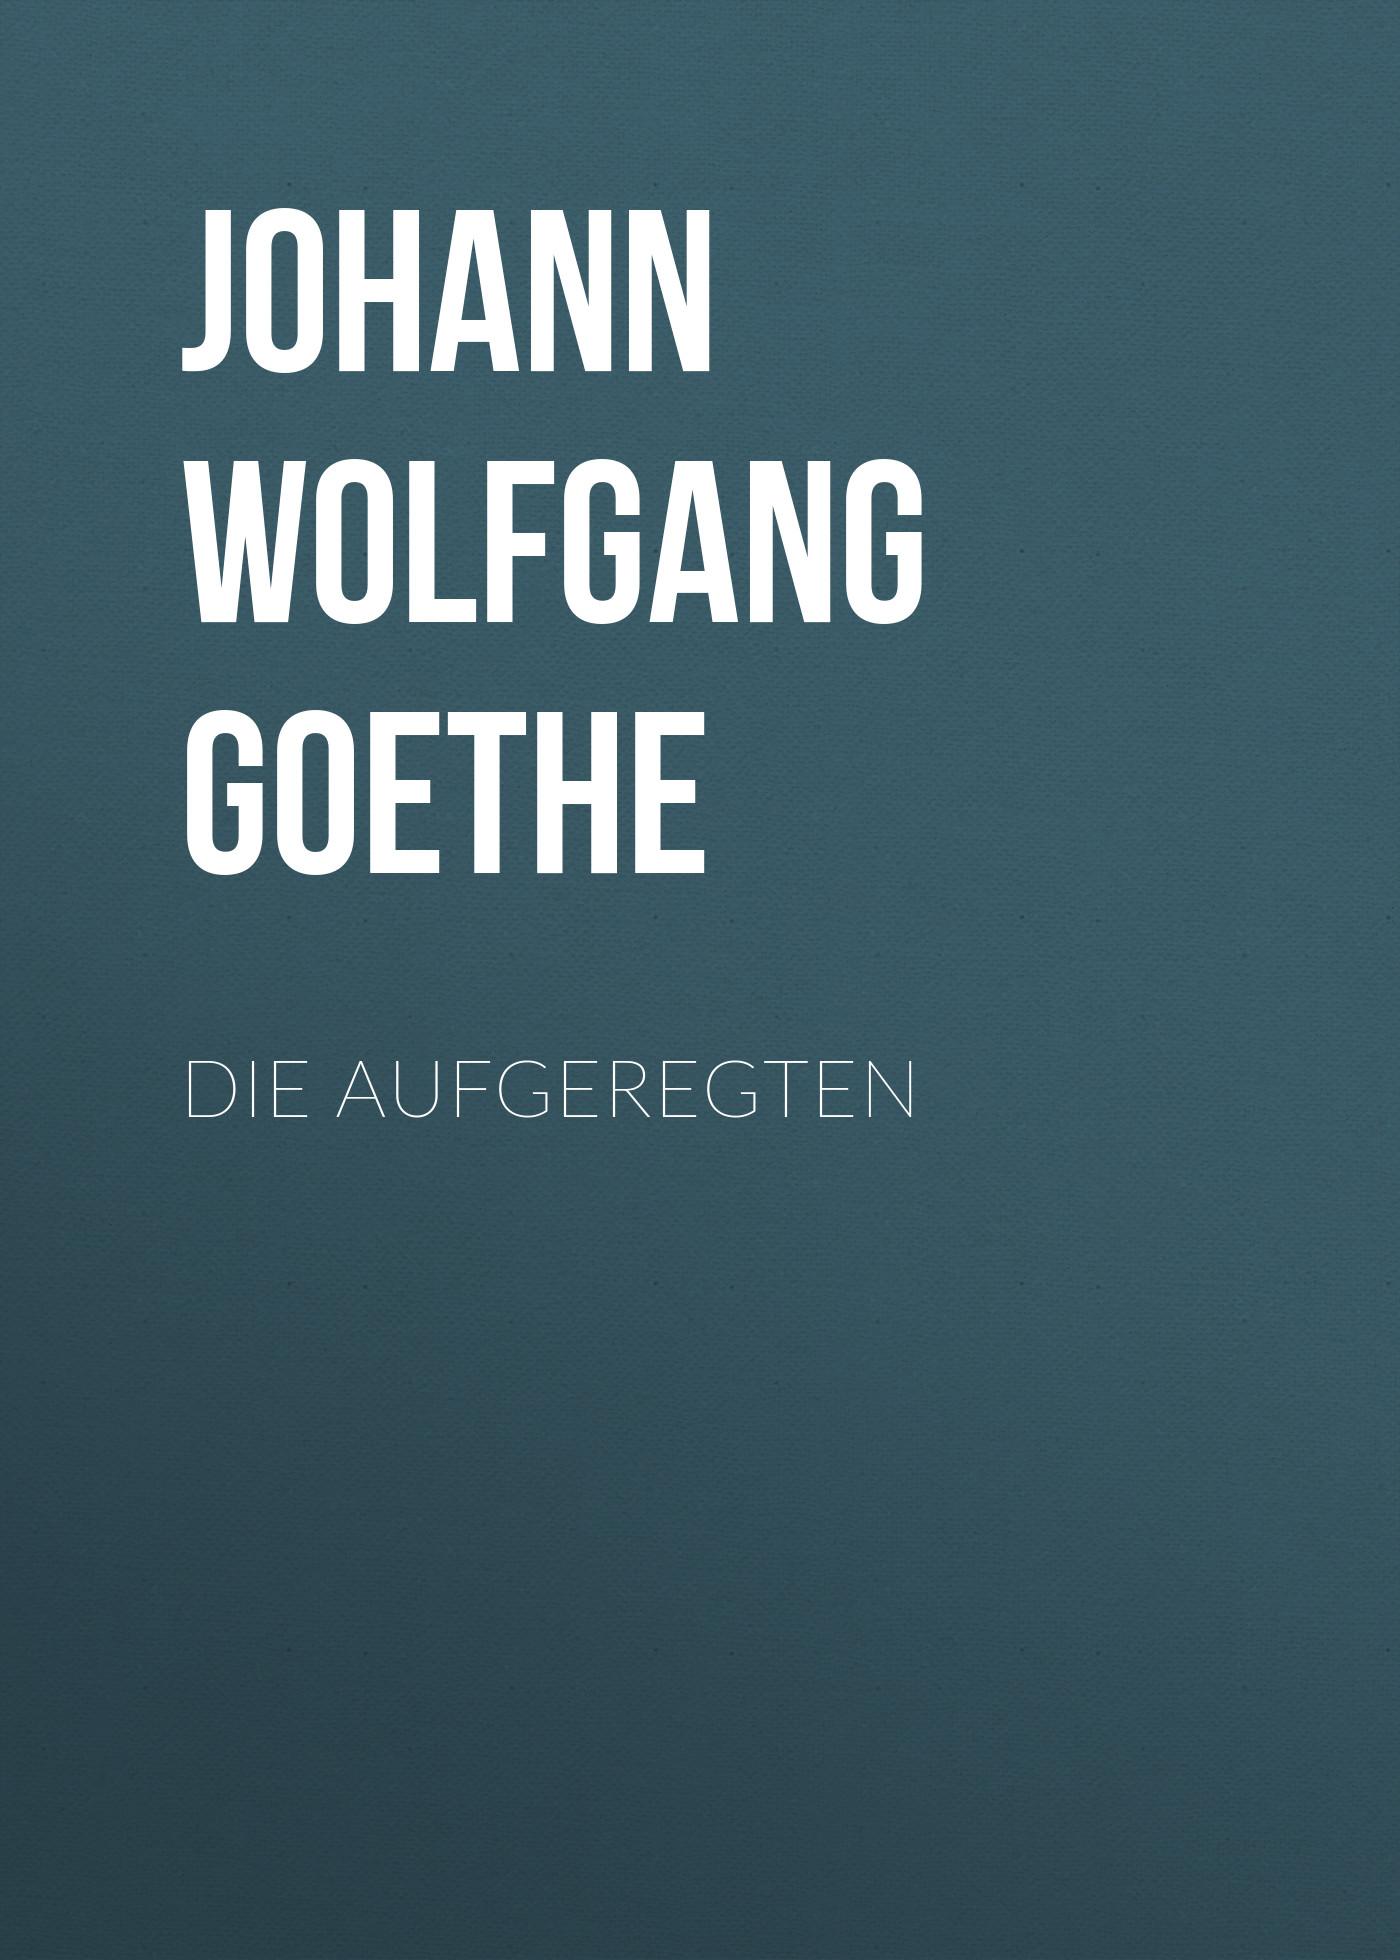 Иоганн Вольфганг фон Гёте Die Aufgeregten иоганн вольфганг фон гёте прометей